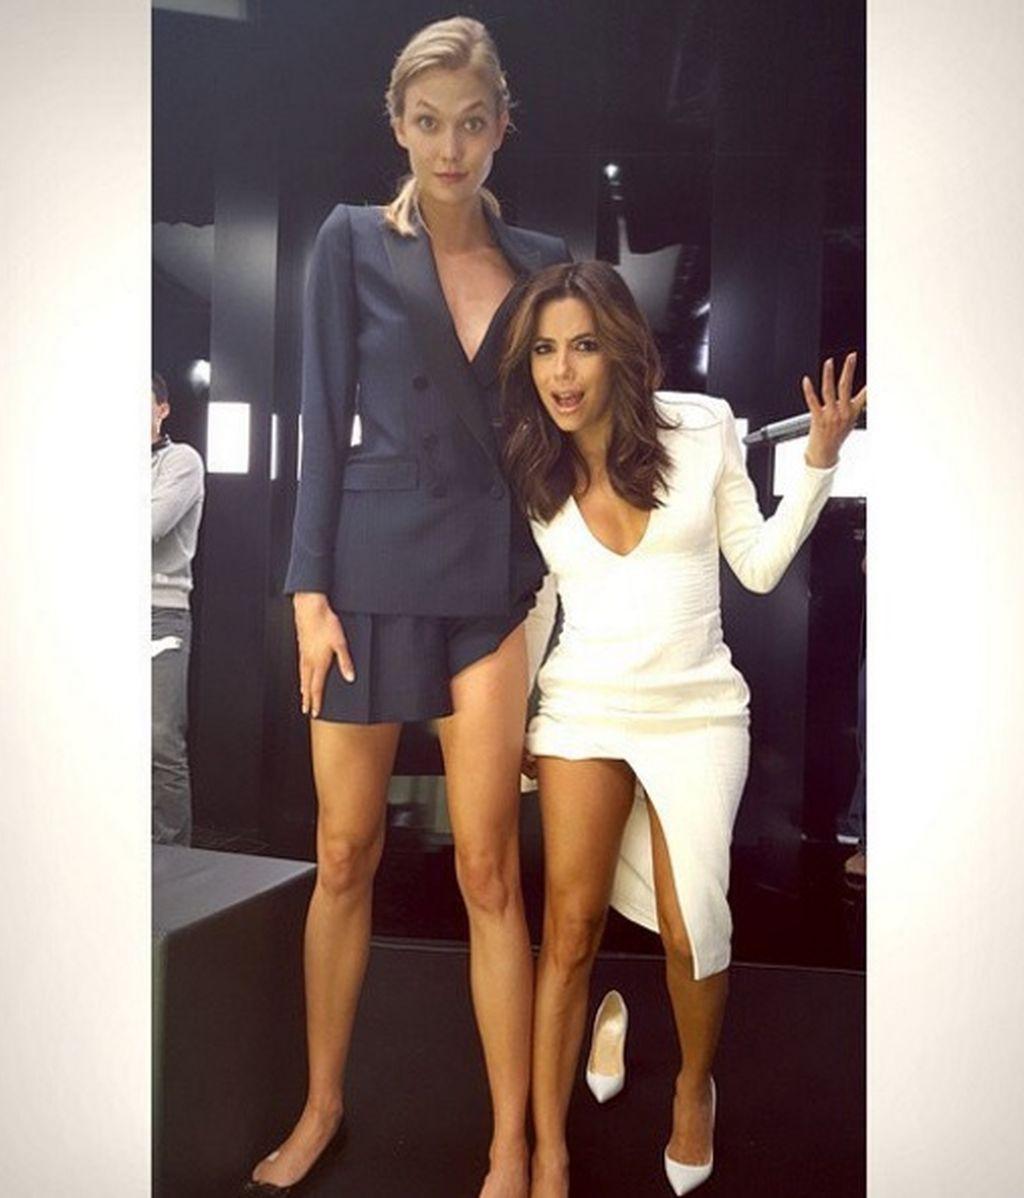 El punto y la 'i': Longoria se toma con humor las diferencias (de altura) con Karlie Kloss